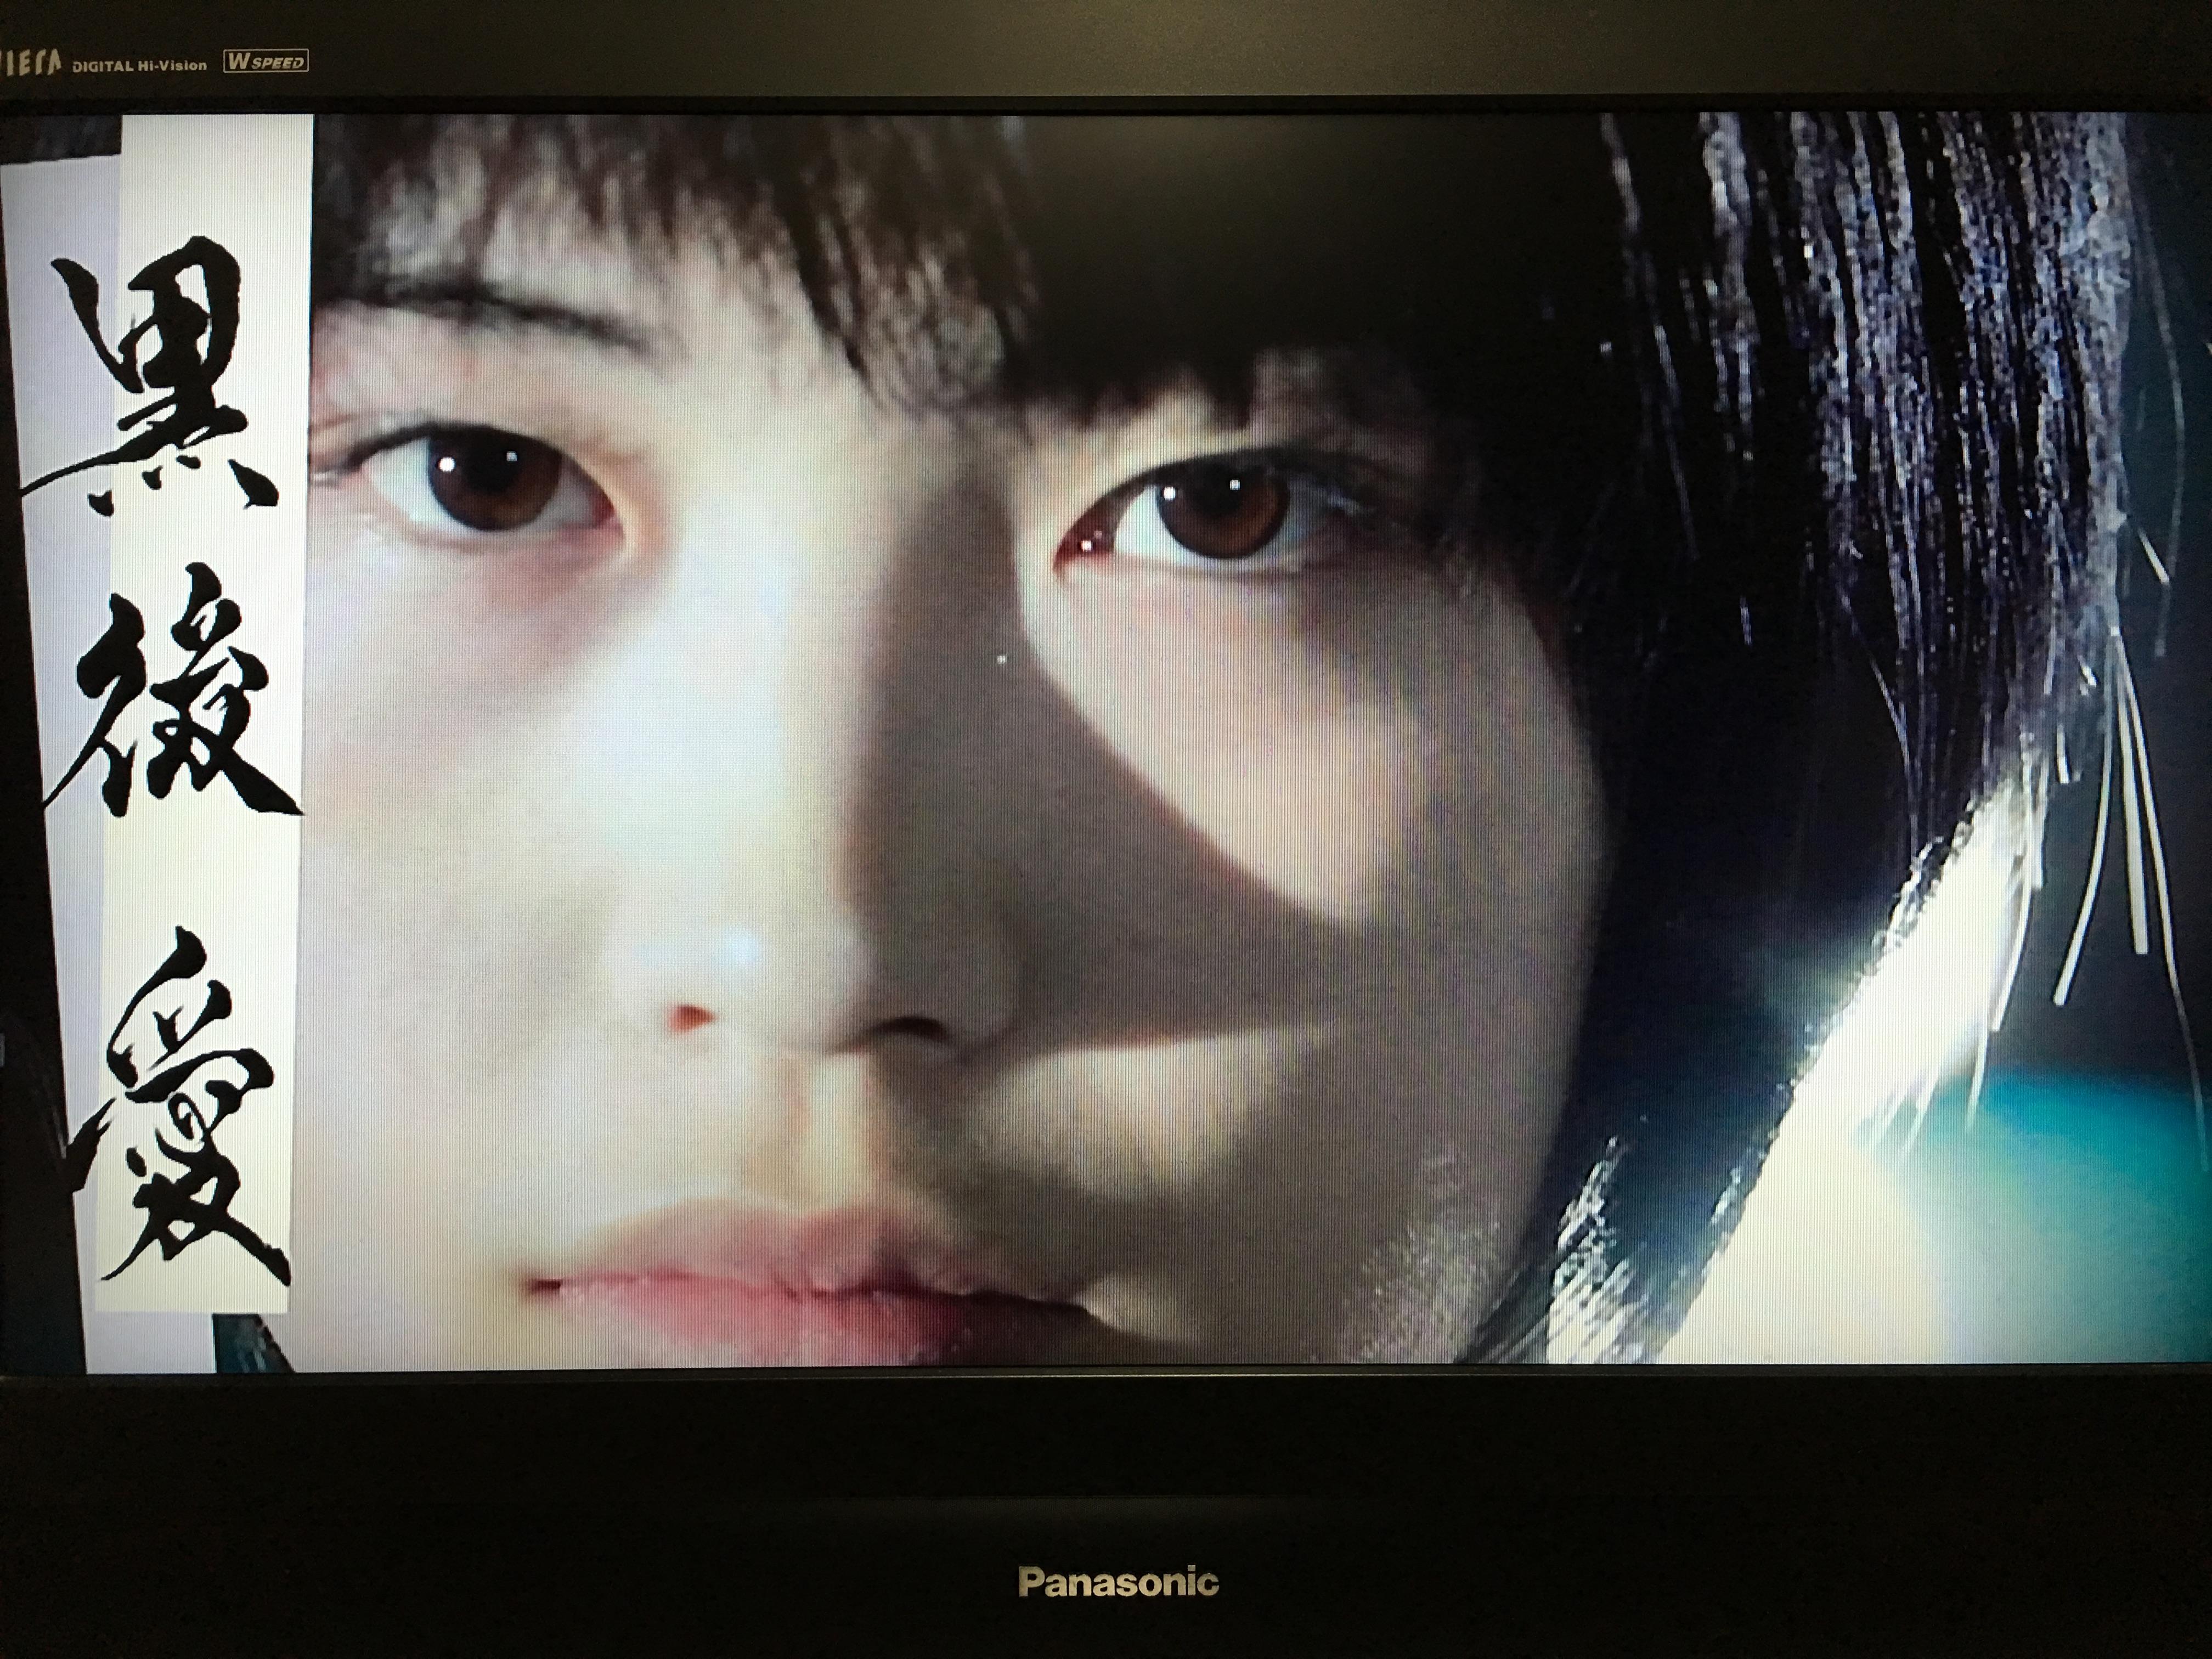 TBSテレビ「2018 世界バレー」事前番組使用作品『黒後愛』